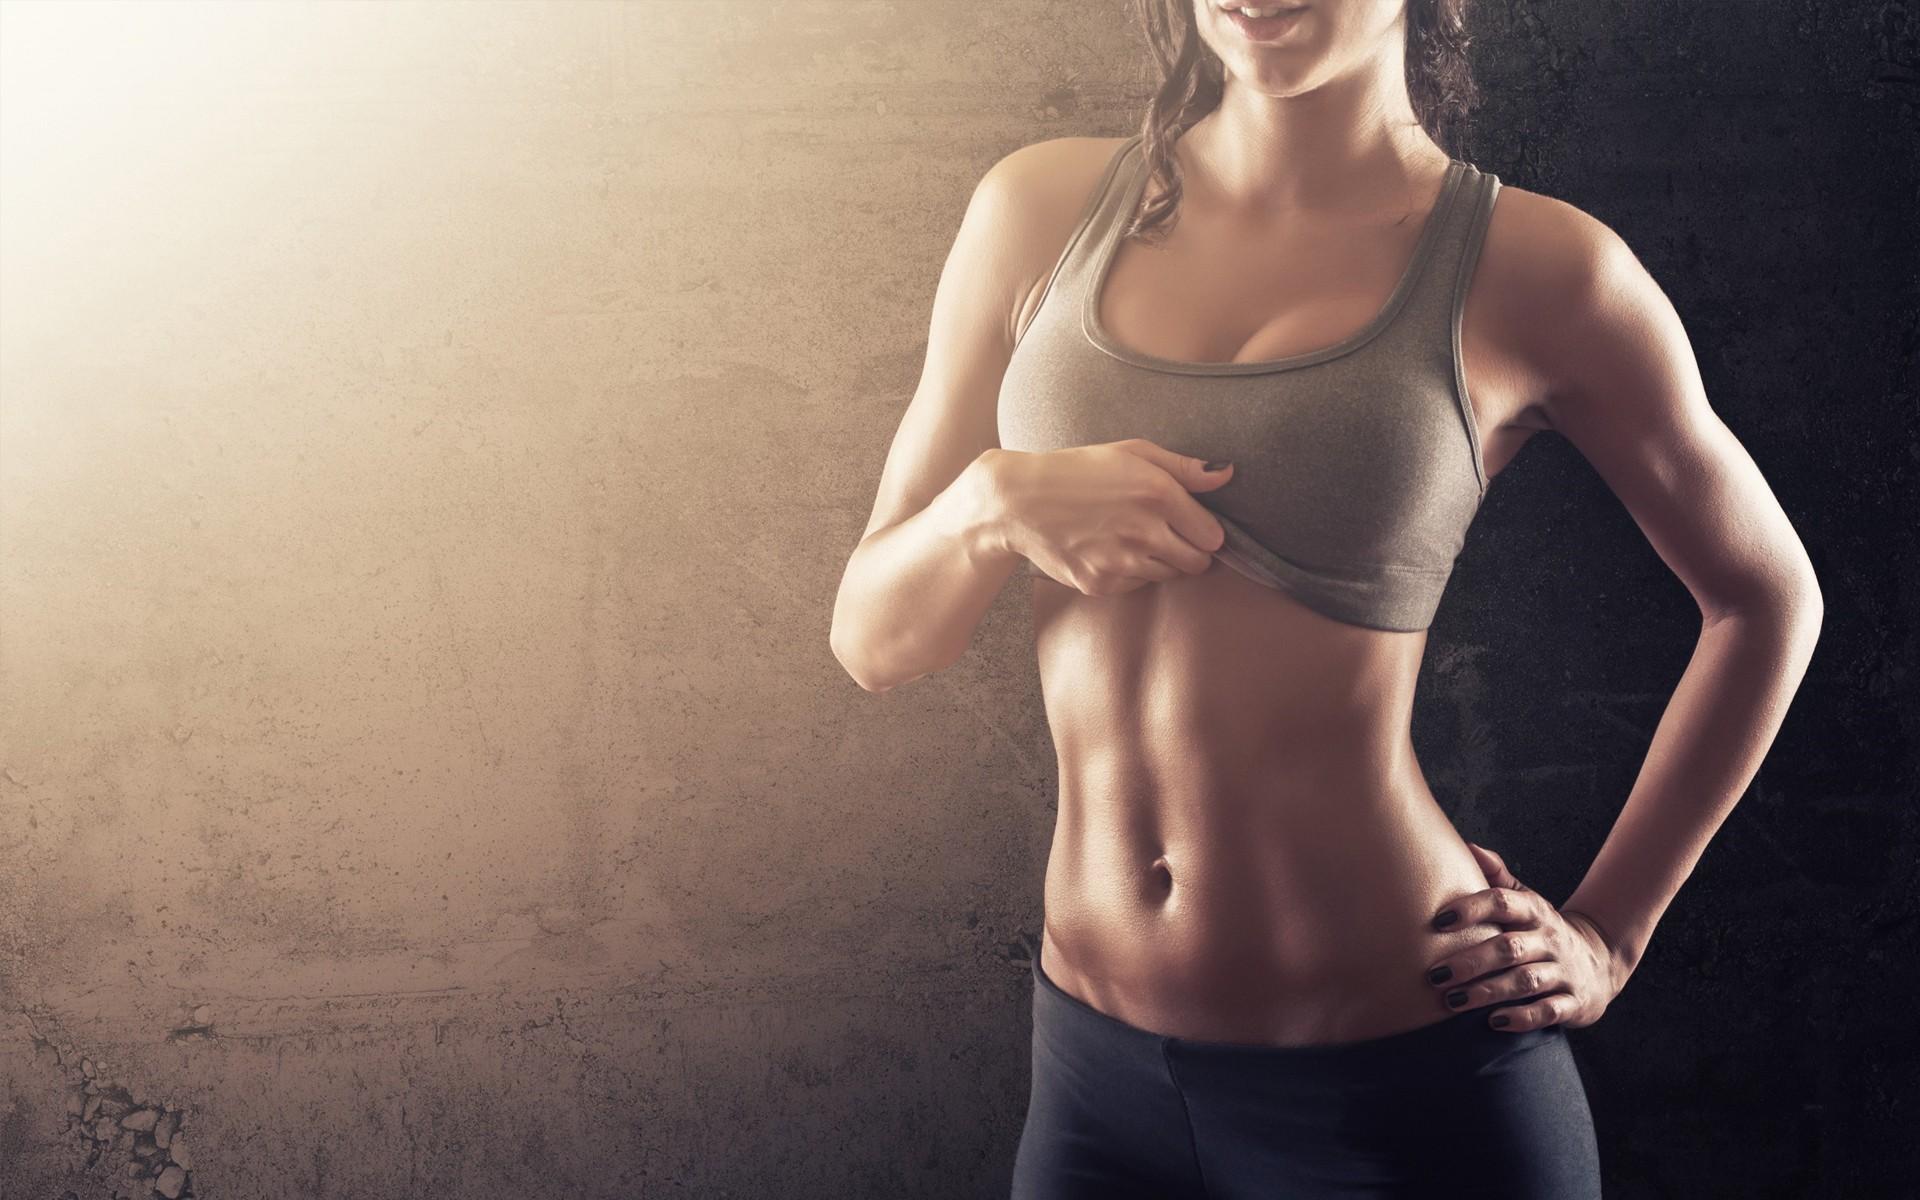 People 1920x1200 women sports bra abs leggings hands on hips fitness model